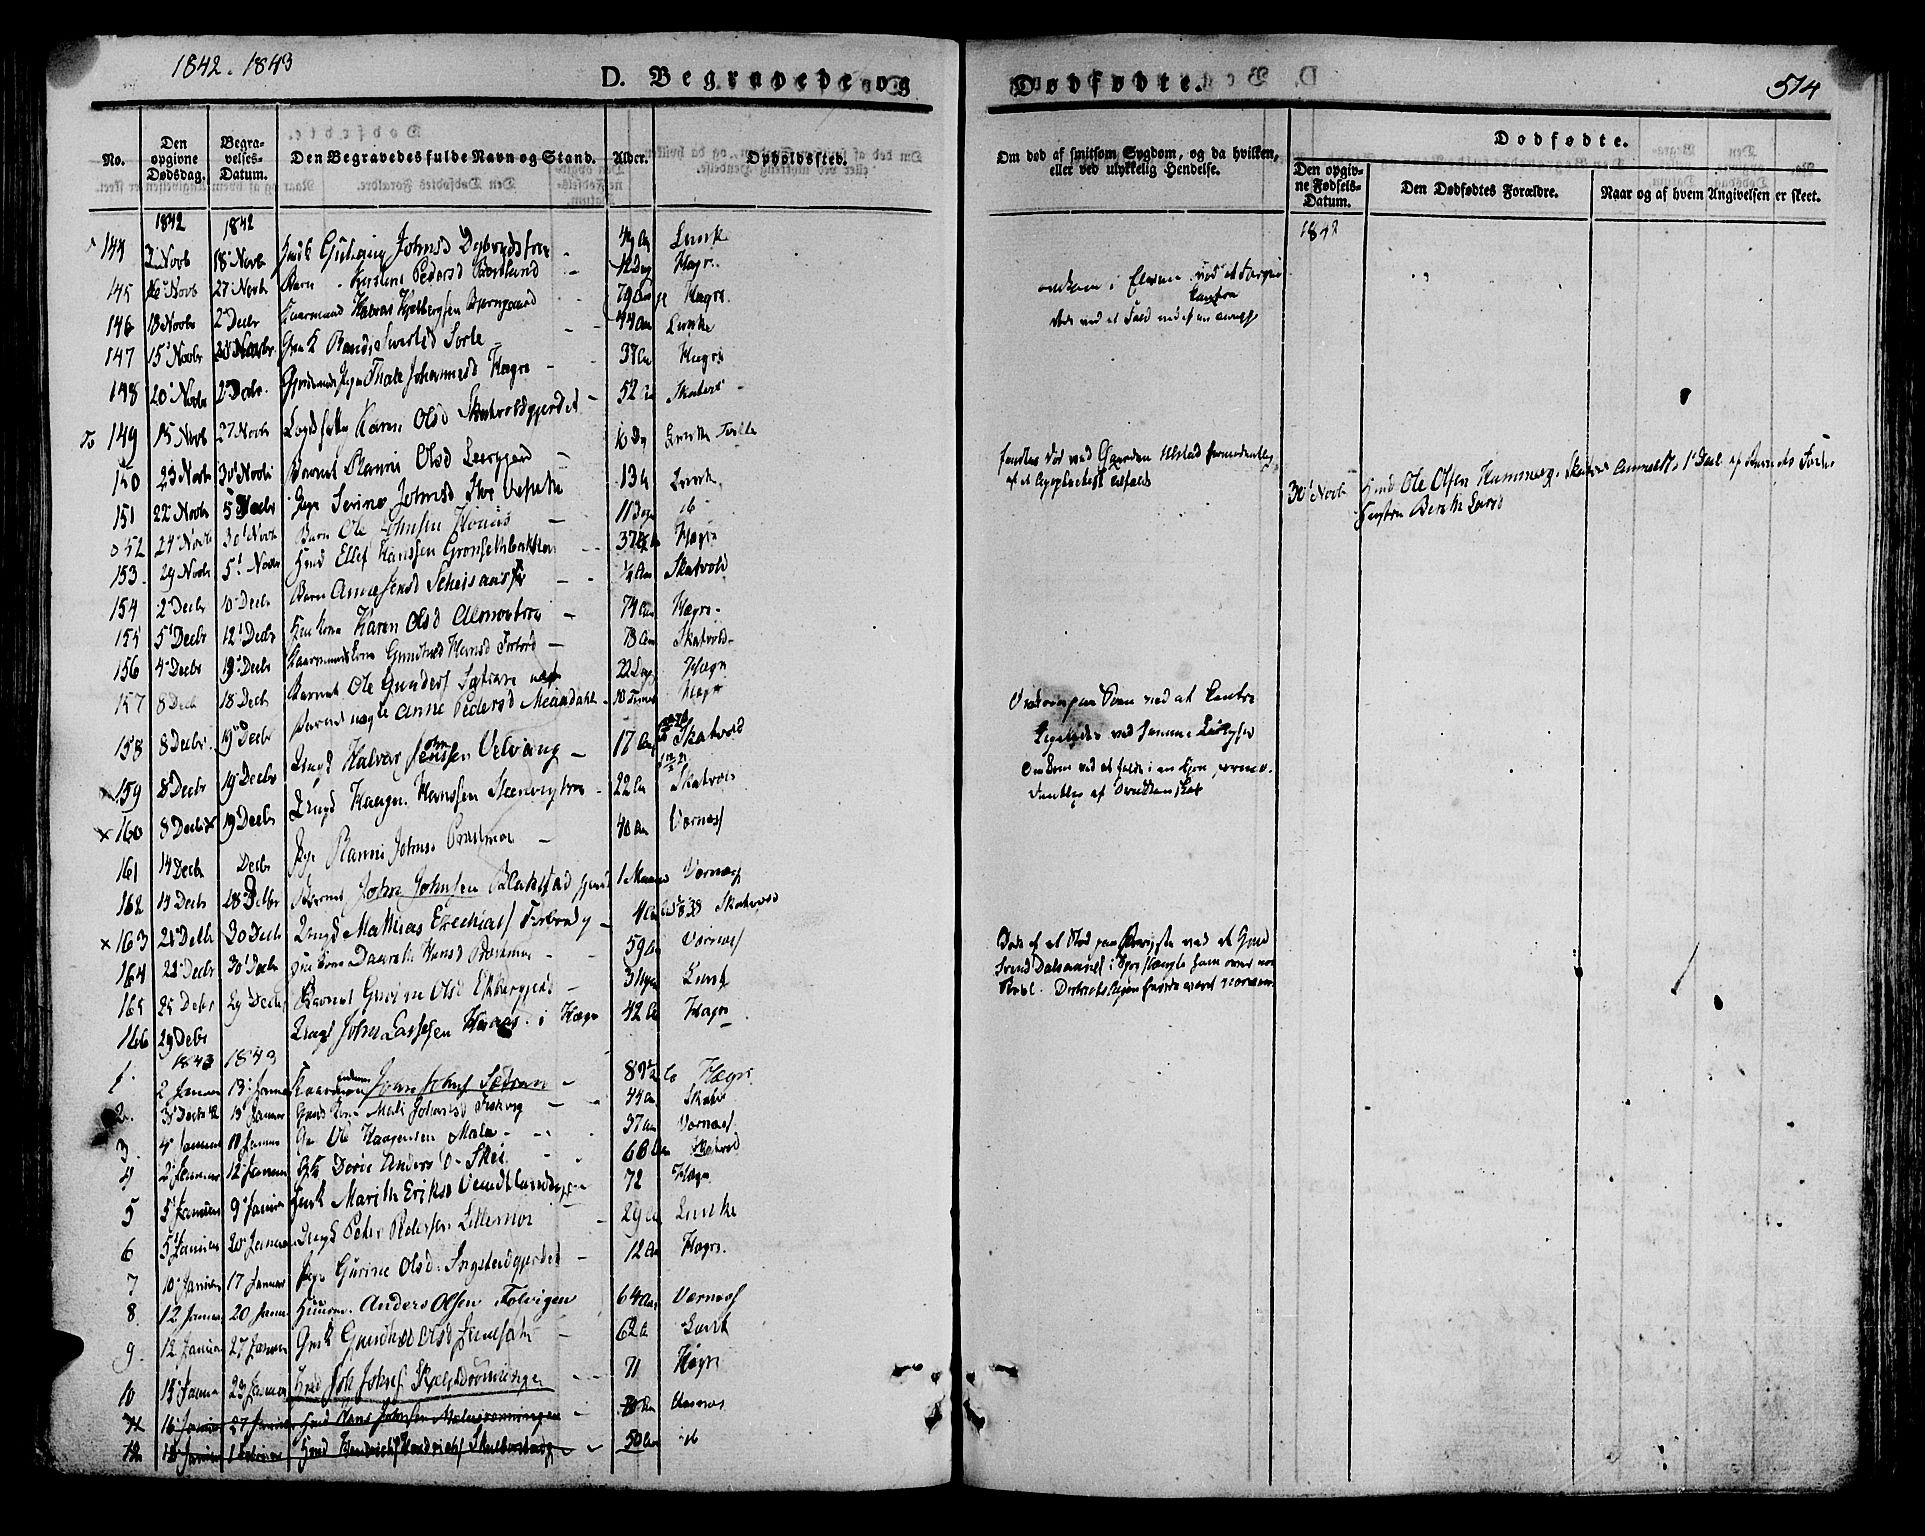 SAT, Ministerialprotokoller, klokkerbøker og fødselsregistre - Nord-Trøndelag, 709/L0072: Ministerialbok nr. 709A12, 1833-1844, s. 514